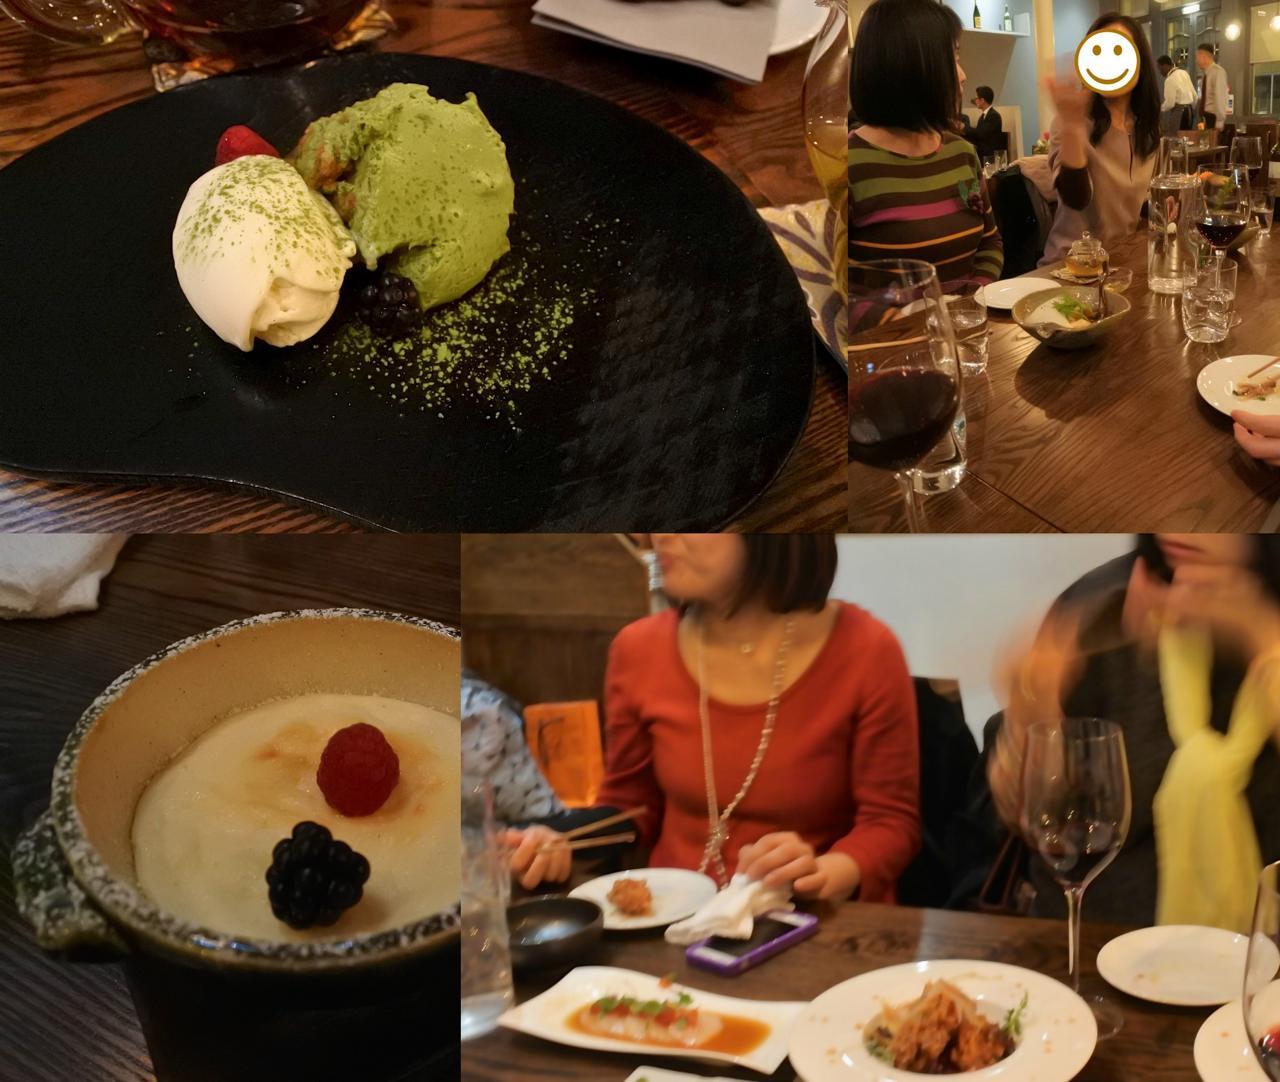 左下はこれまた初めてのデザート、柚子スフレ。スフレっぽく仕上がってはいますが、柚子チーズケーキですね ^^